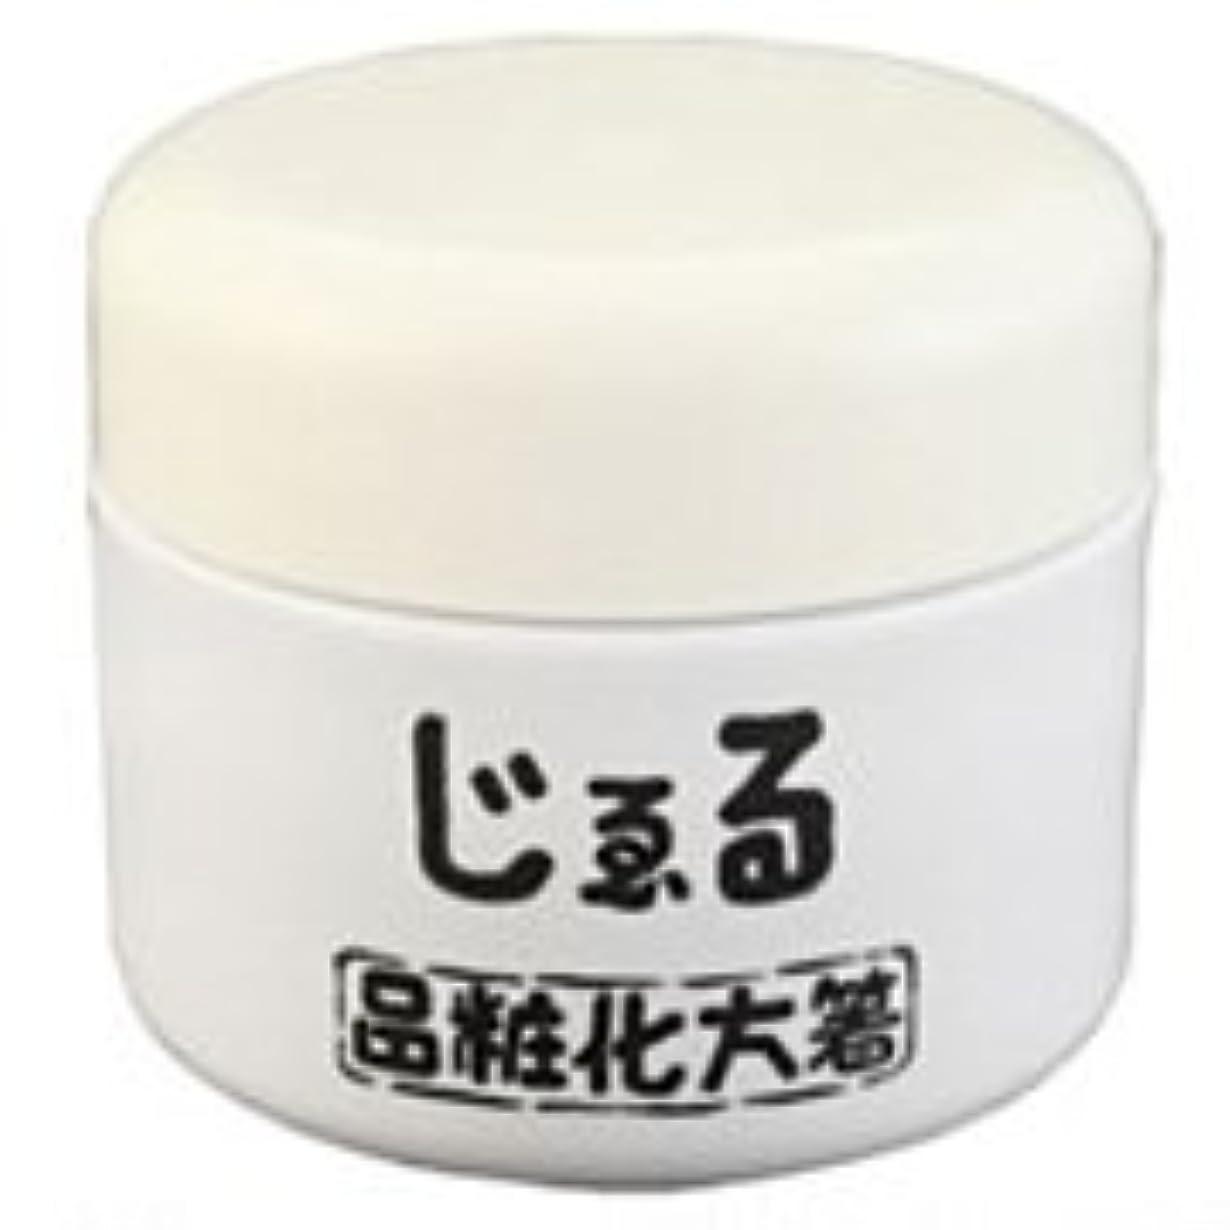 平和的子羊パステル[箸方化粧品] じぇる 38g はしかた化粧品